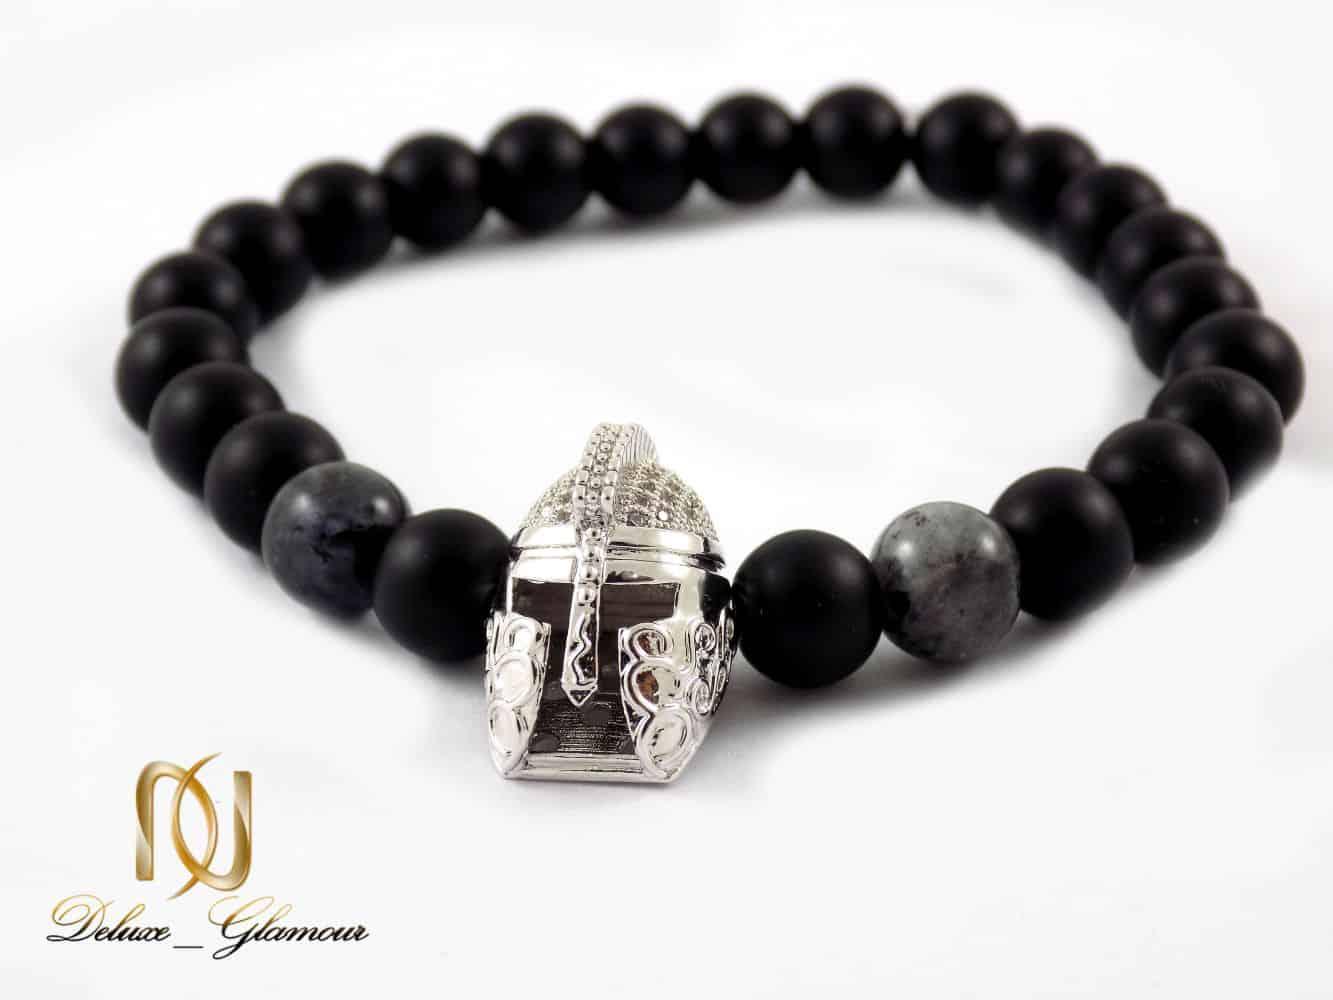 دستبند مردانه سنگ اونیکس مات و عقیق صنعتی با مهره استیل ds-n207